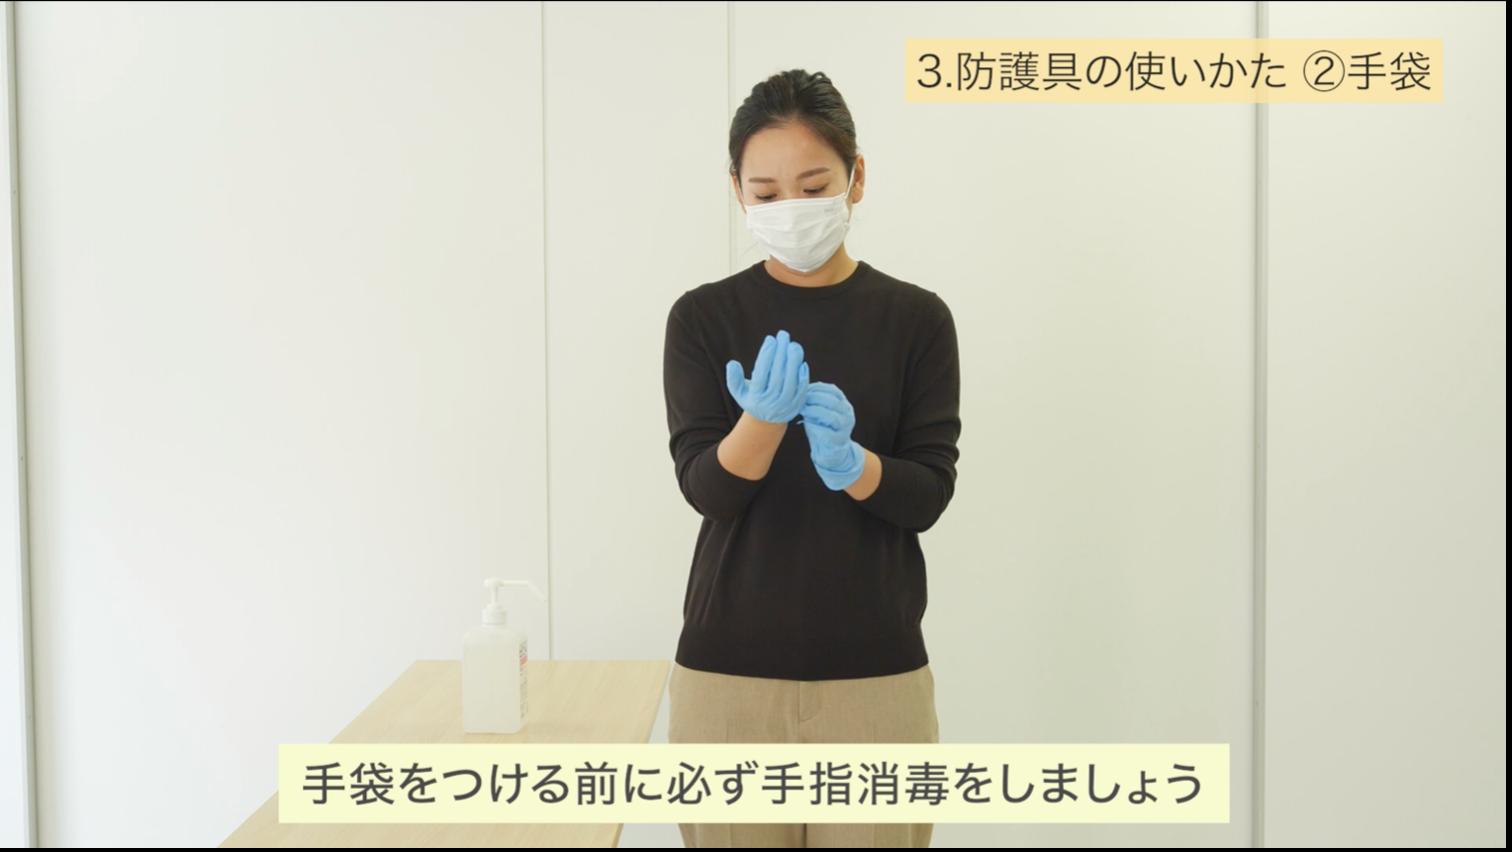 事業 力 施設 配信 感染 サイト 所 職員 の 向け 教材 症 の 対策 研修 向上 ため の 介護